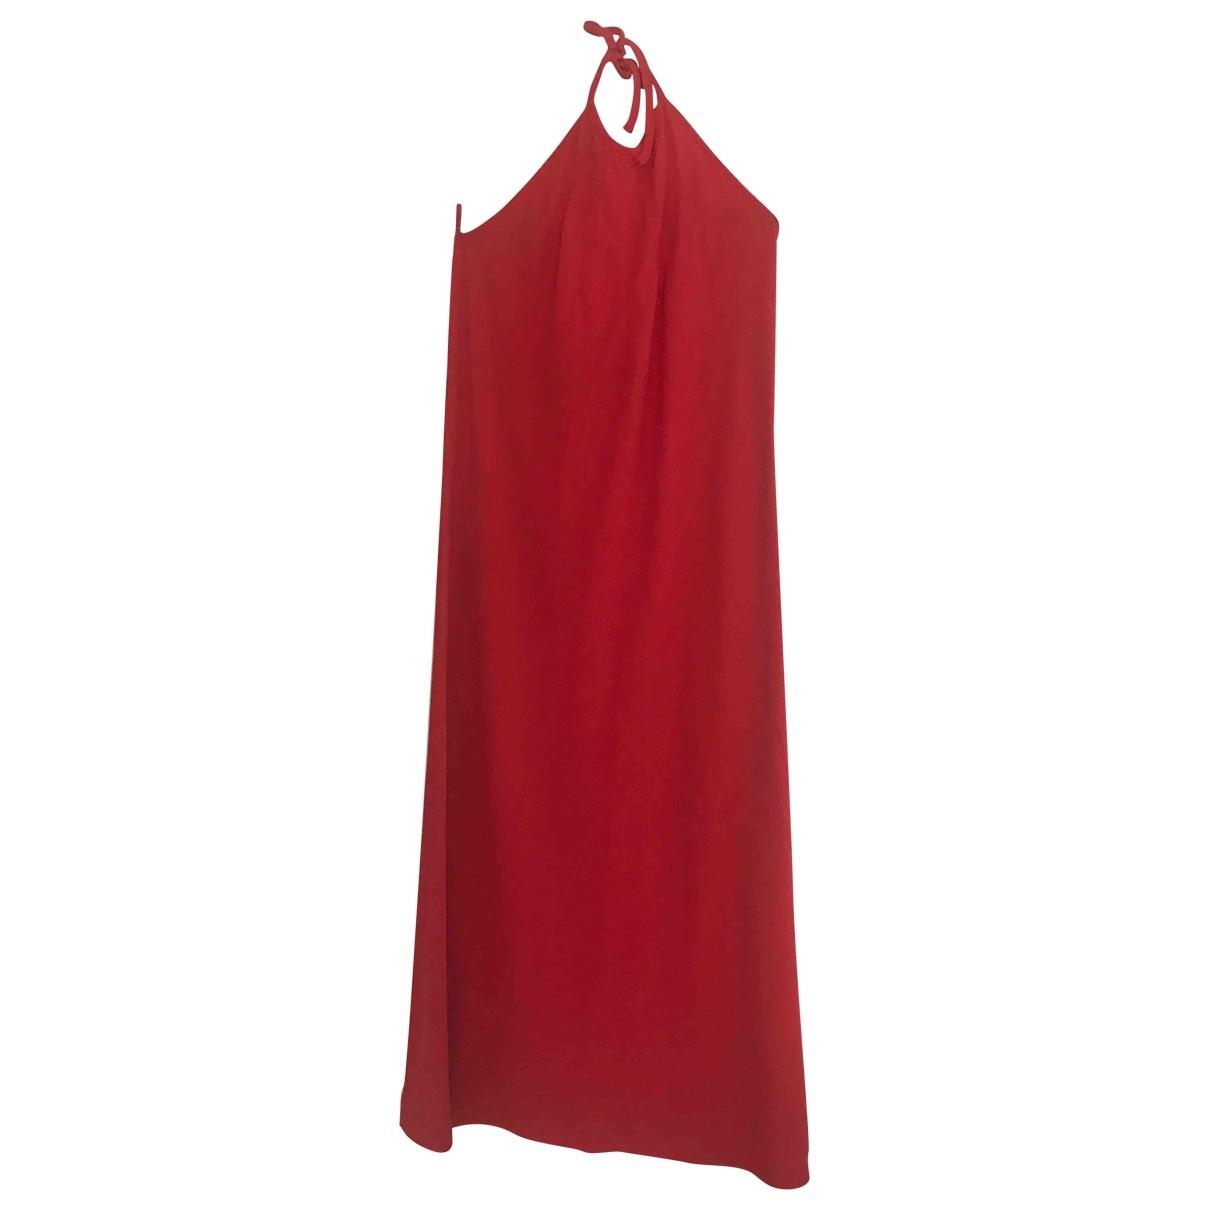 Joseph \N Kleid in  Rot Baumwolle - Elasthan